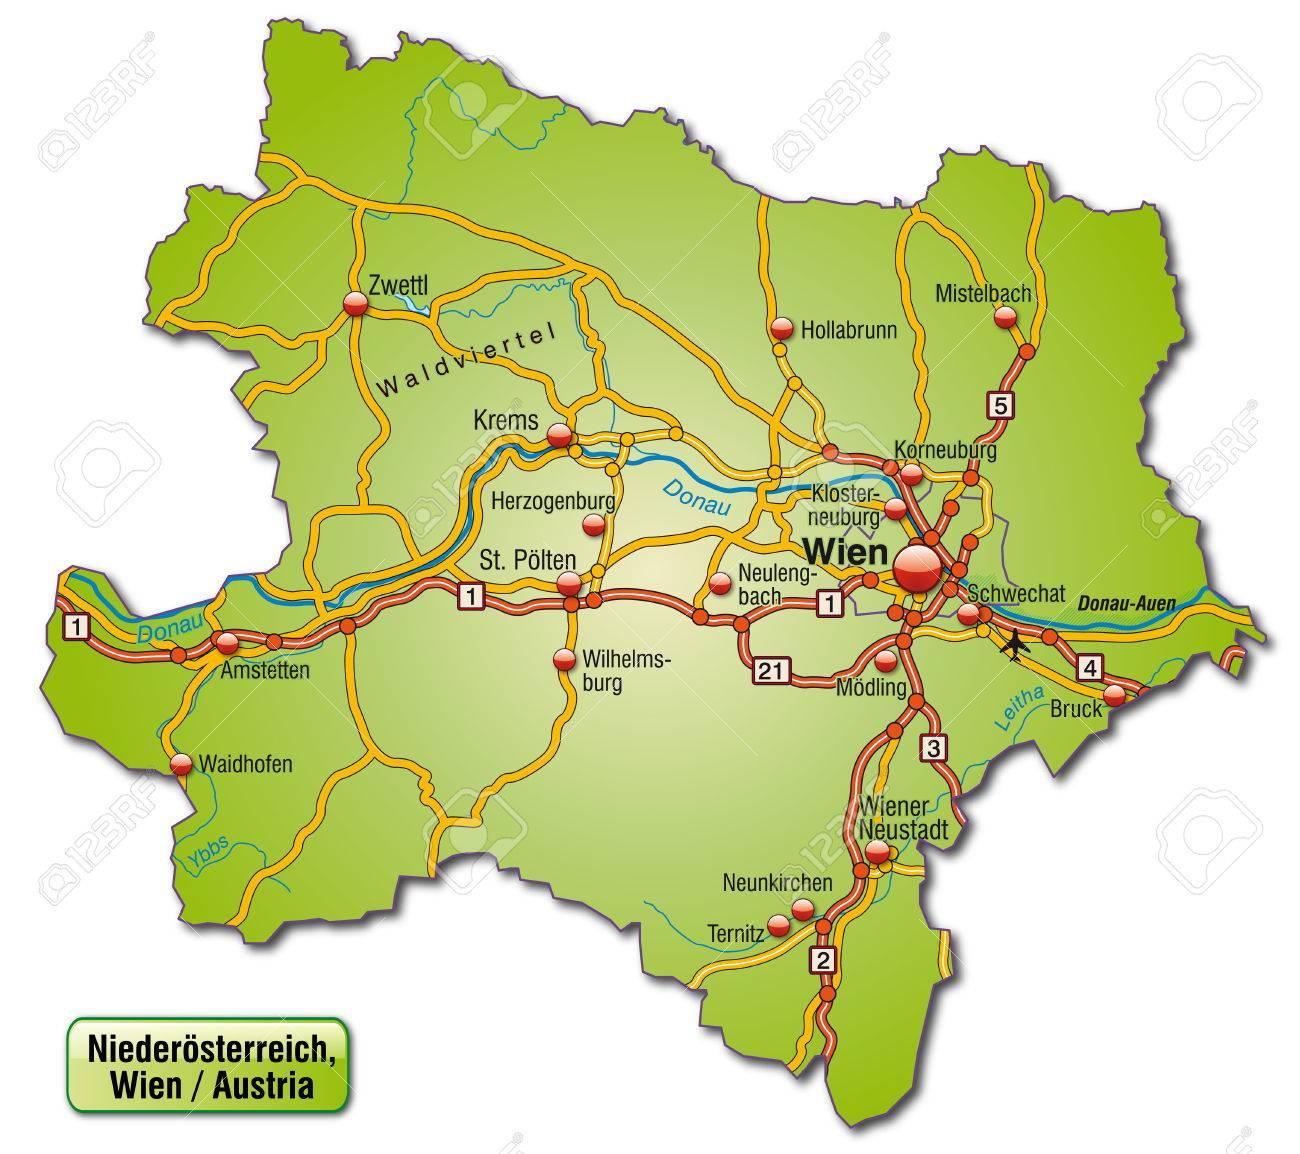 Karte Wien Niederosterreich.Stock Photo